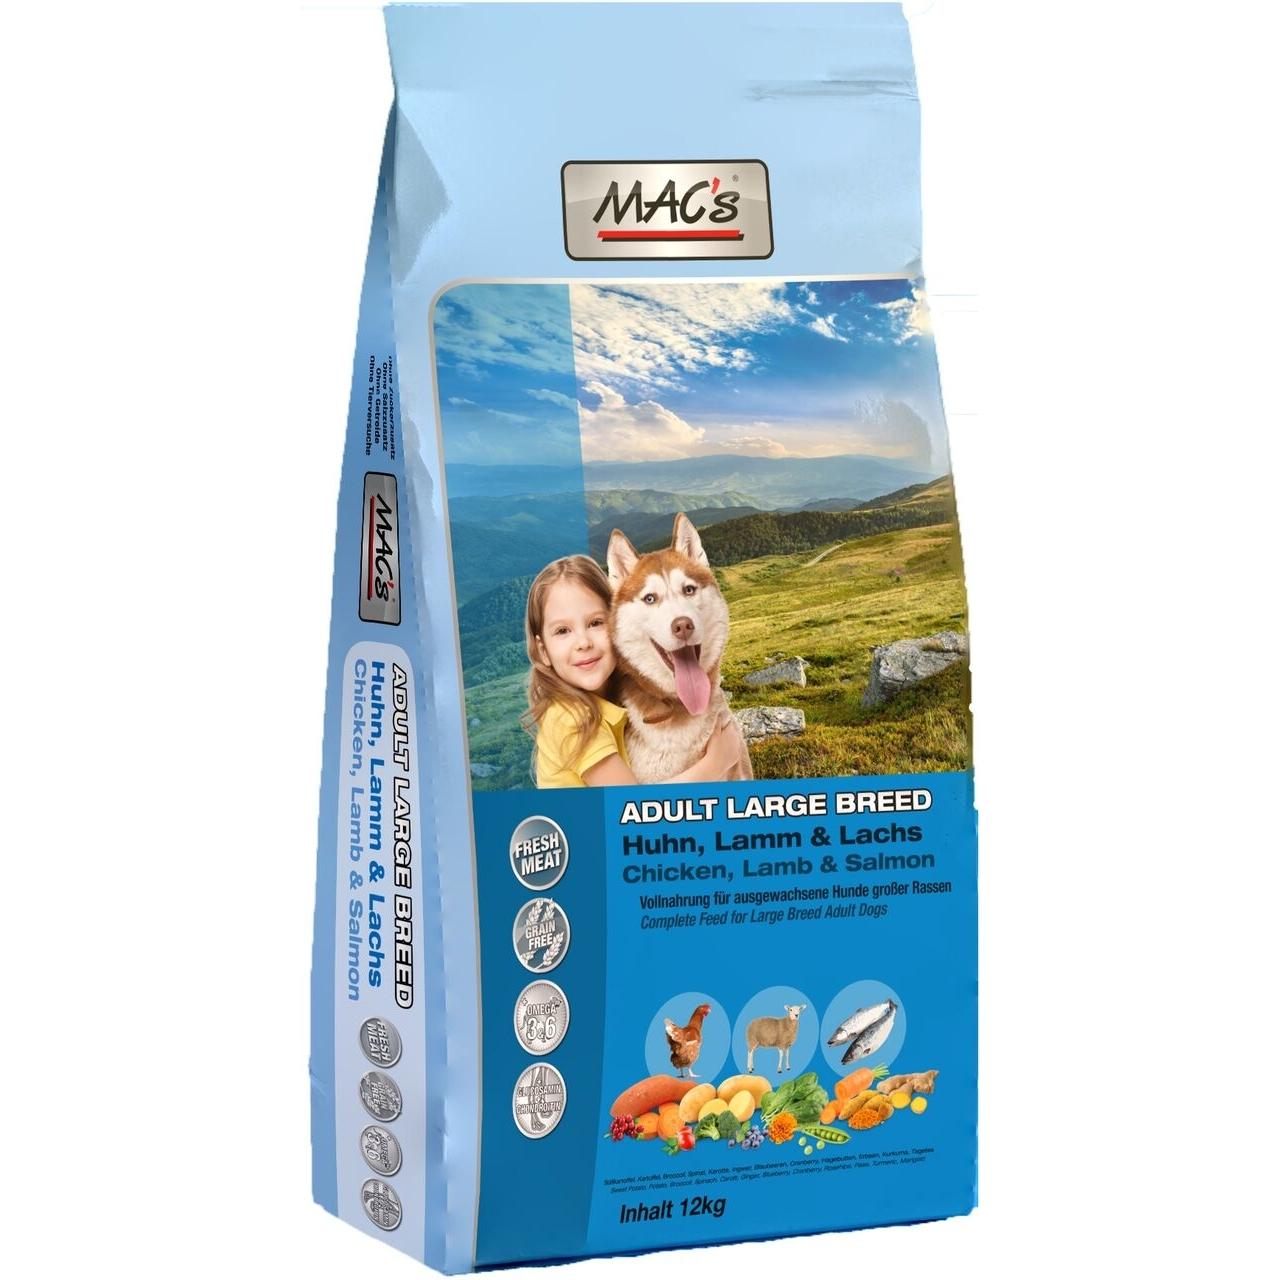 MACs Dog Adult Large Breed Trockenfutter für Hunde, Bild 2